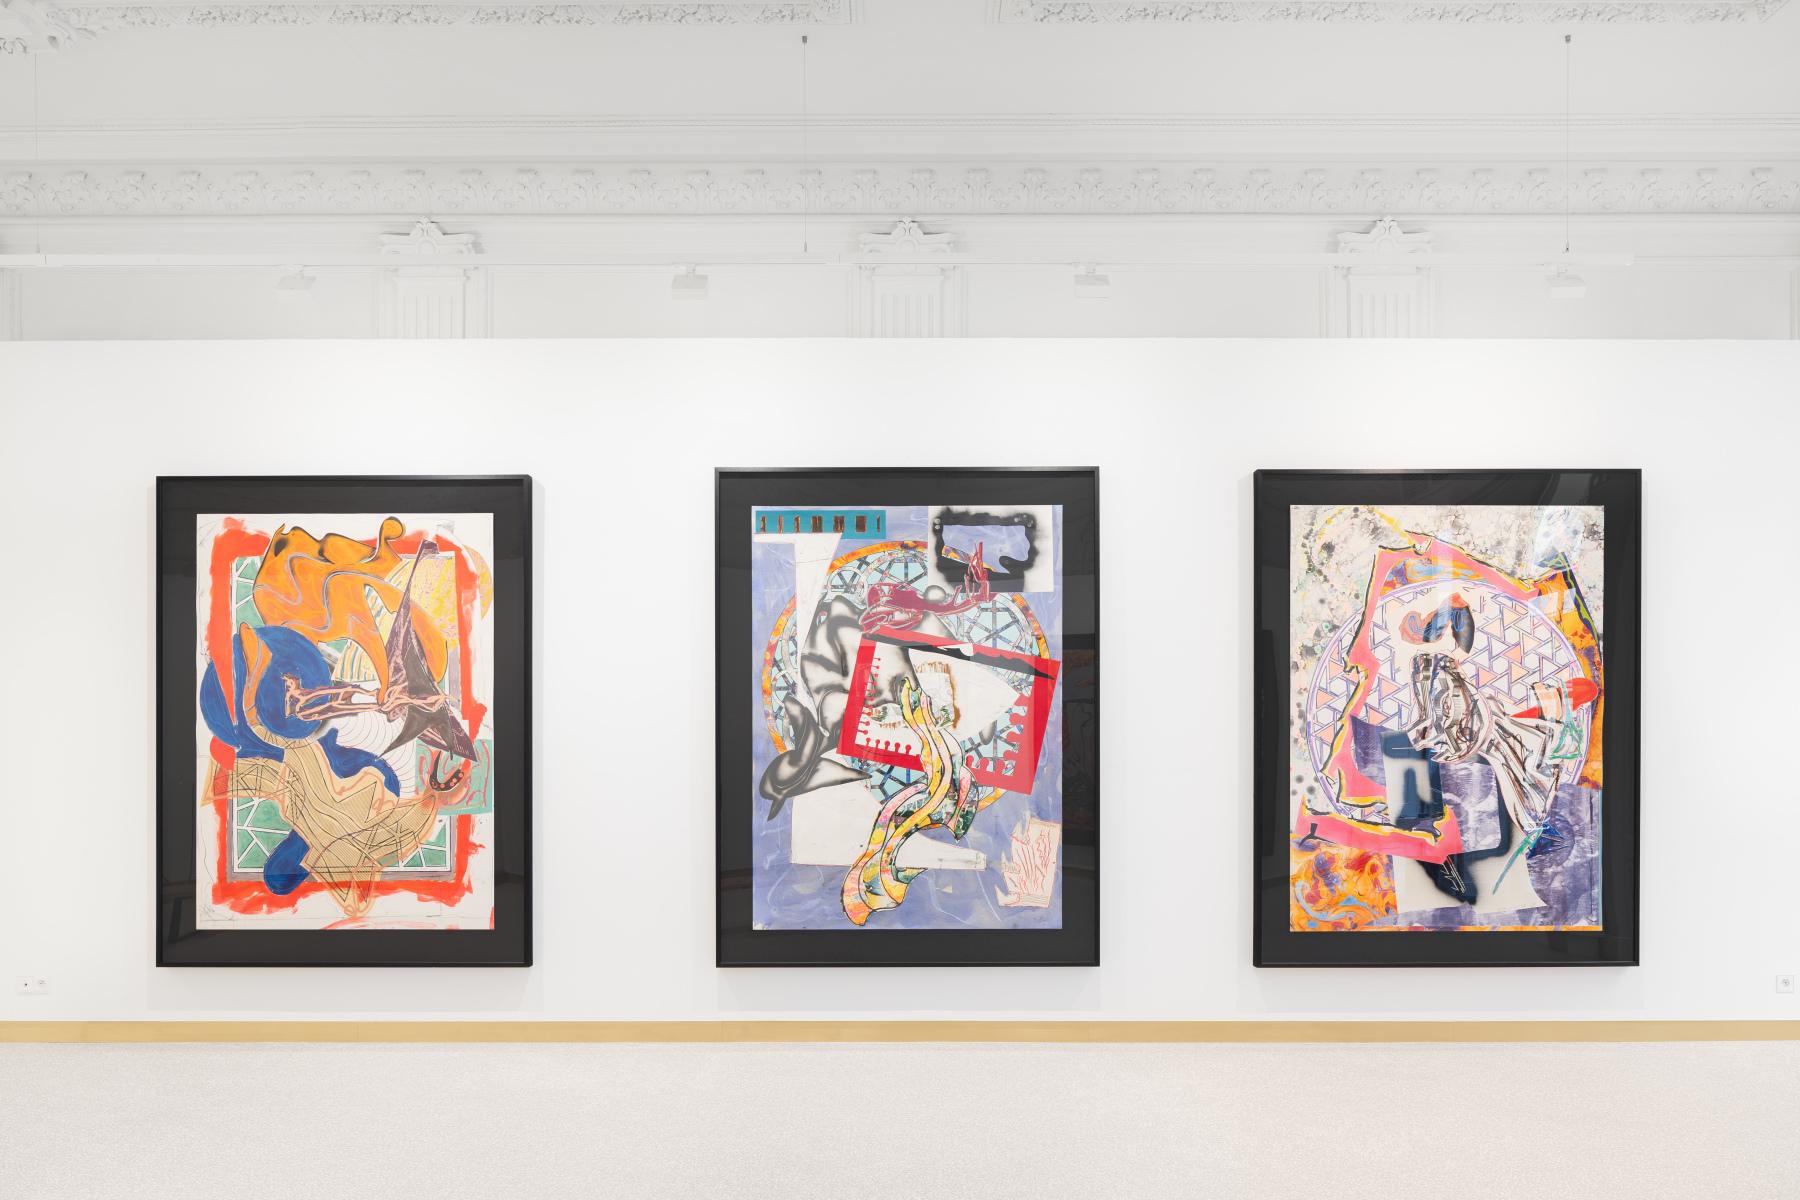 Exhibition View Frank Stella Lyon 2021 #3